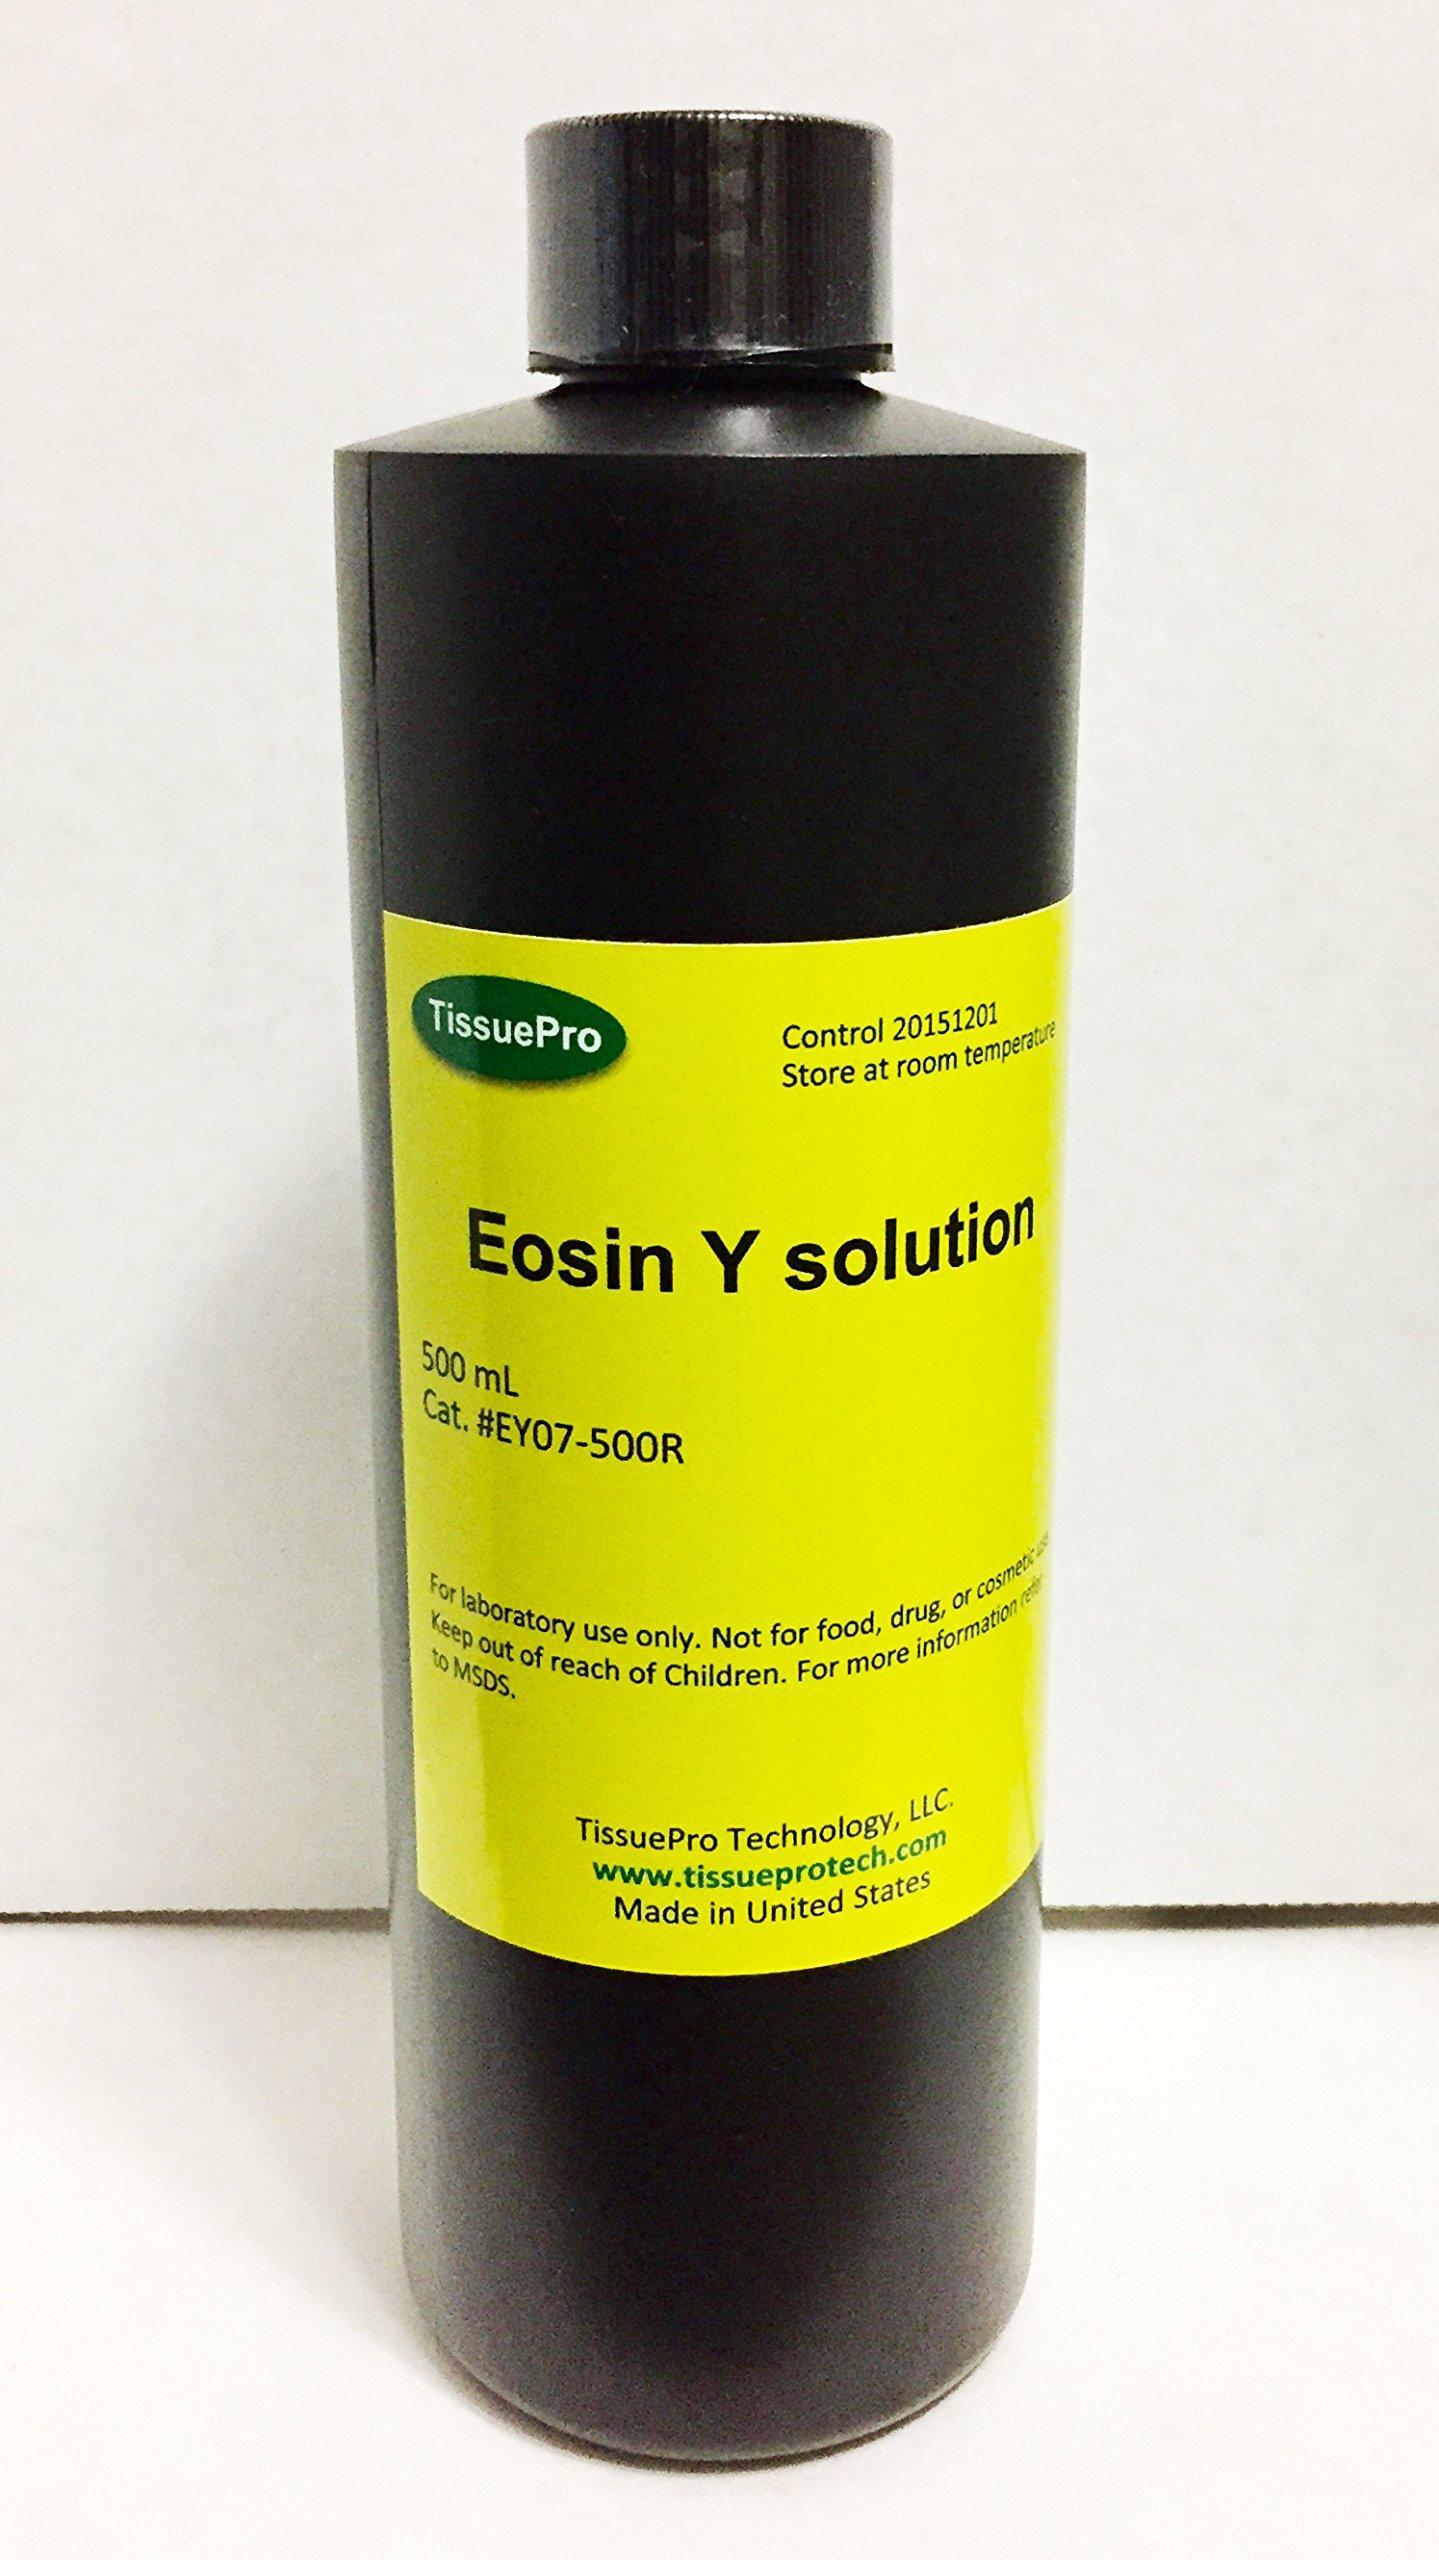 Hematoxylin-Eosin (H&E) staining kit 500 mL from TISSUEPRO